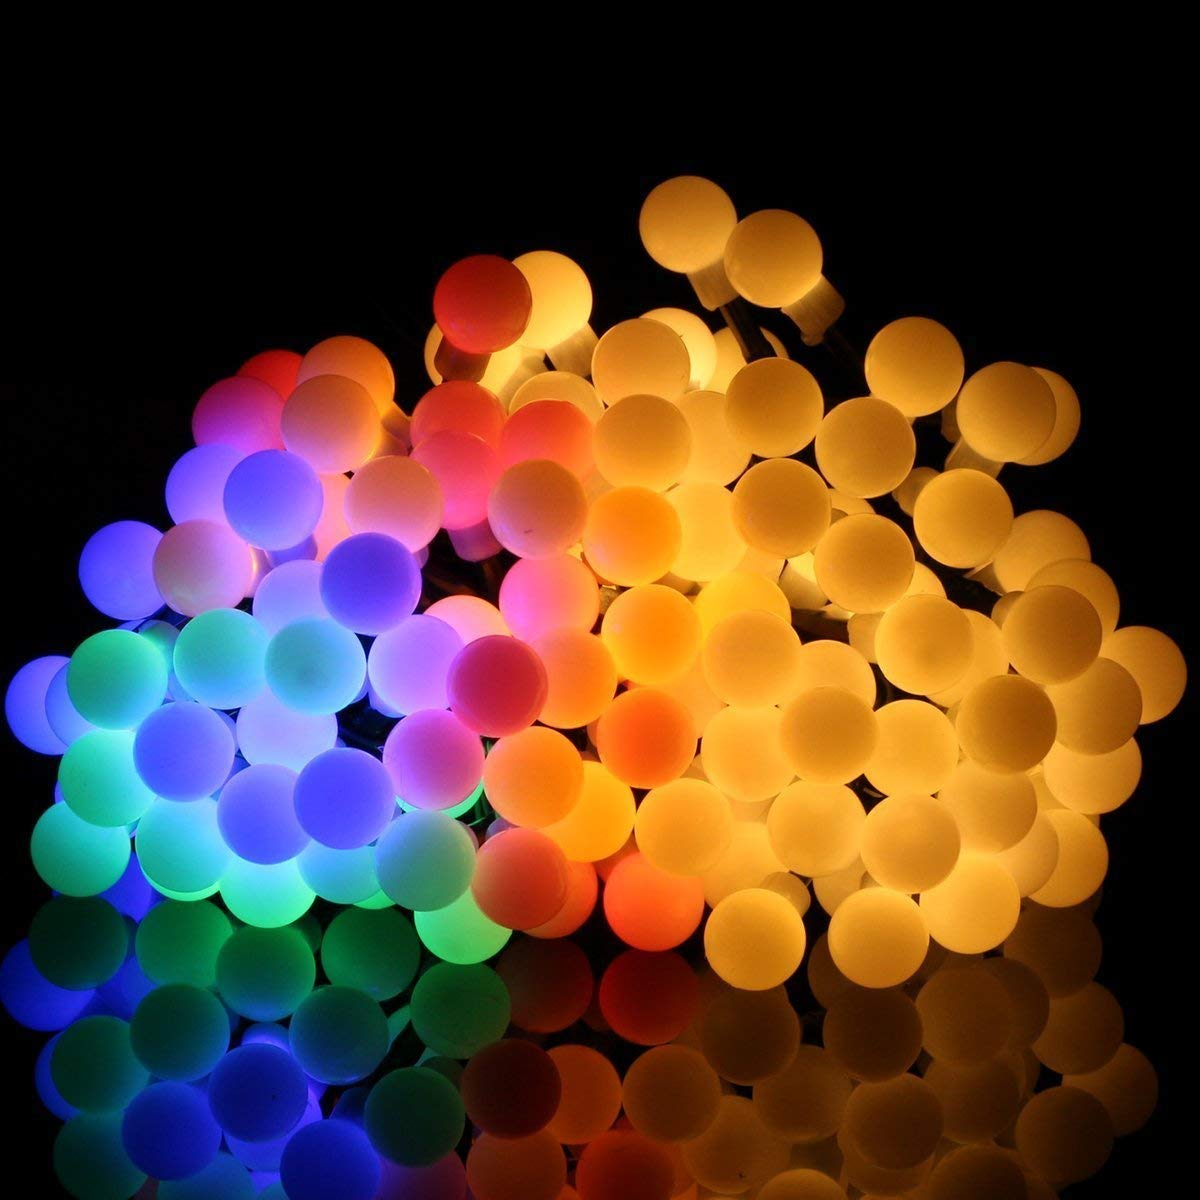 Kuty 10M 80 LED de Exterior Luces de colores LED Bombillas Multicolor Decoració n de Navidad Impermeable 3AA Pilas Cadena de Luces